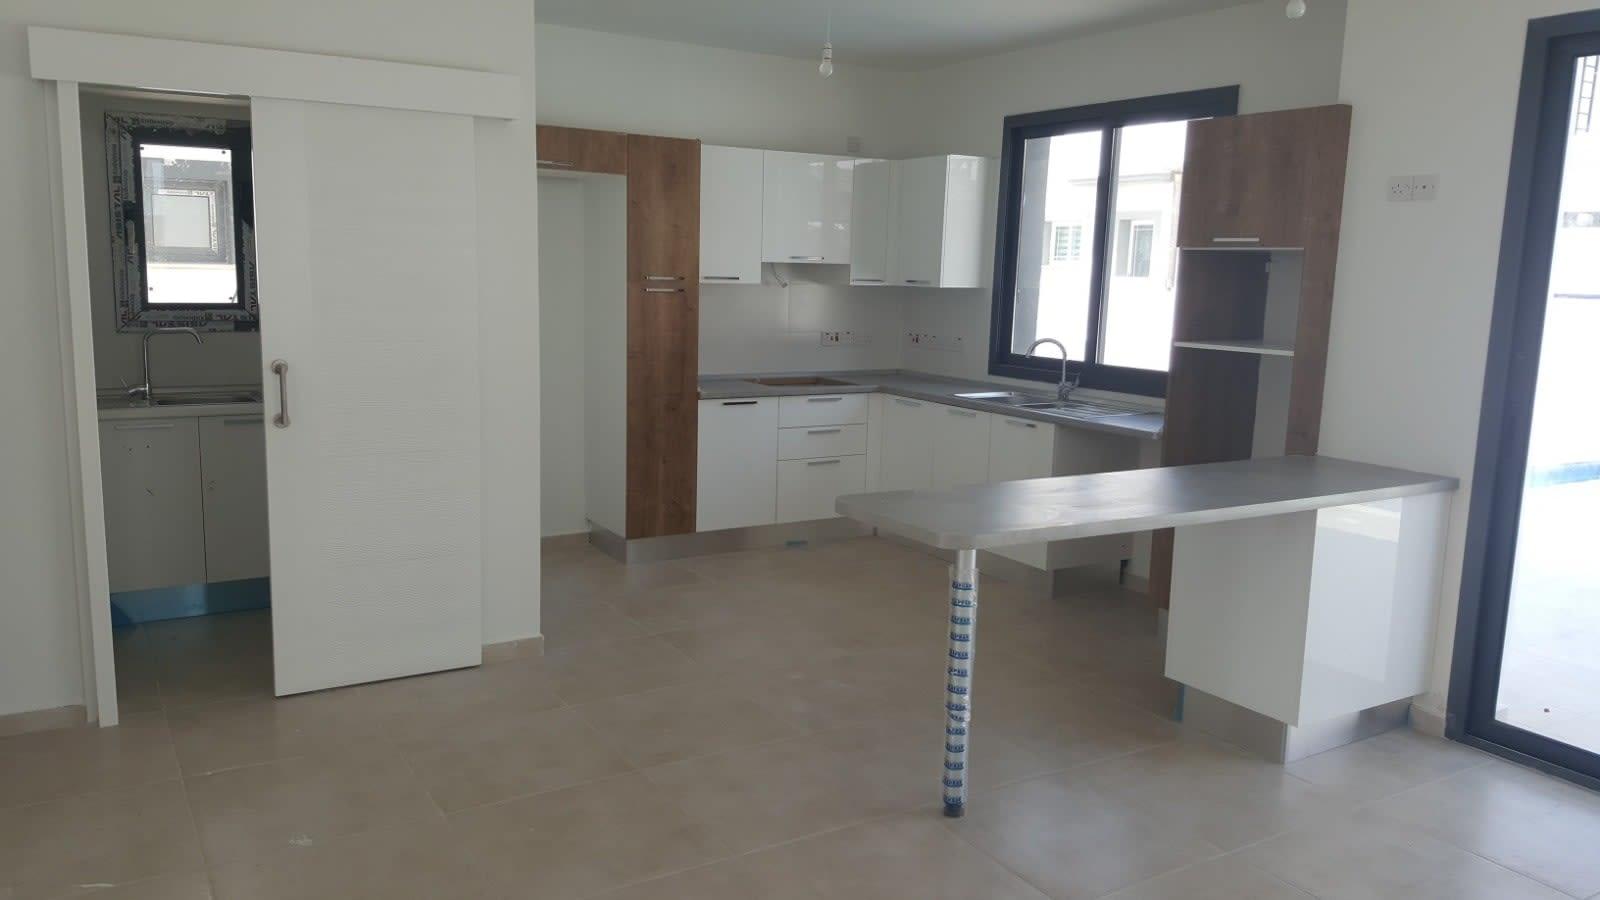 Yenikent'te 4 Yatak Odalı Satılık Havuzlu ve Türk Malı Villa 5269